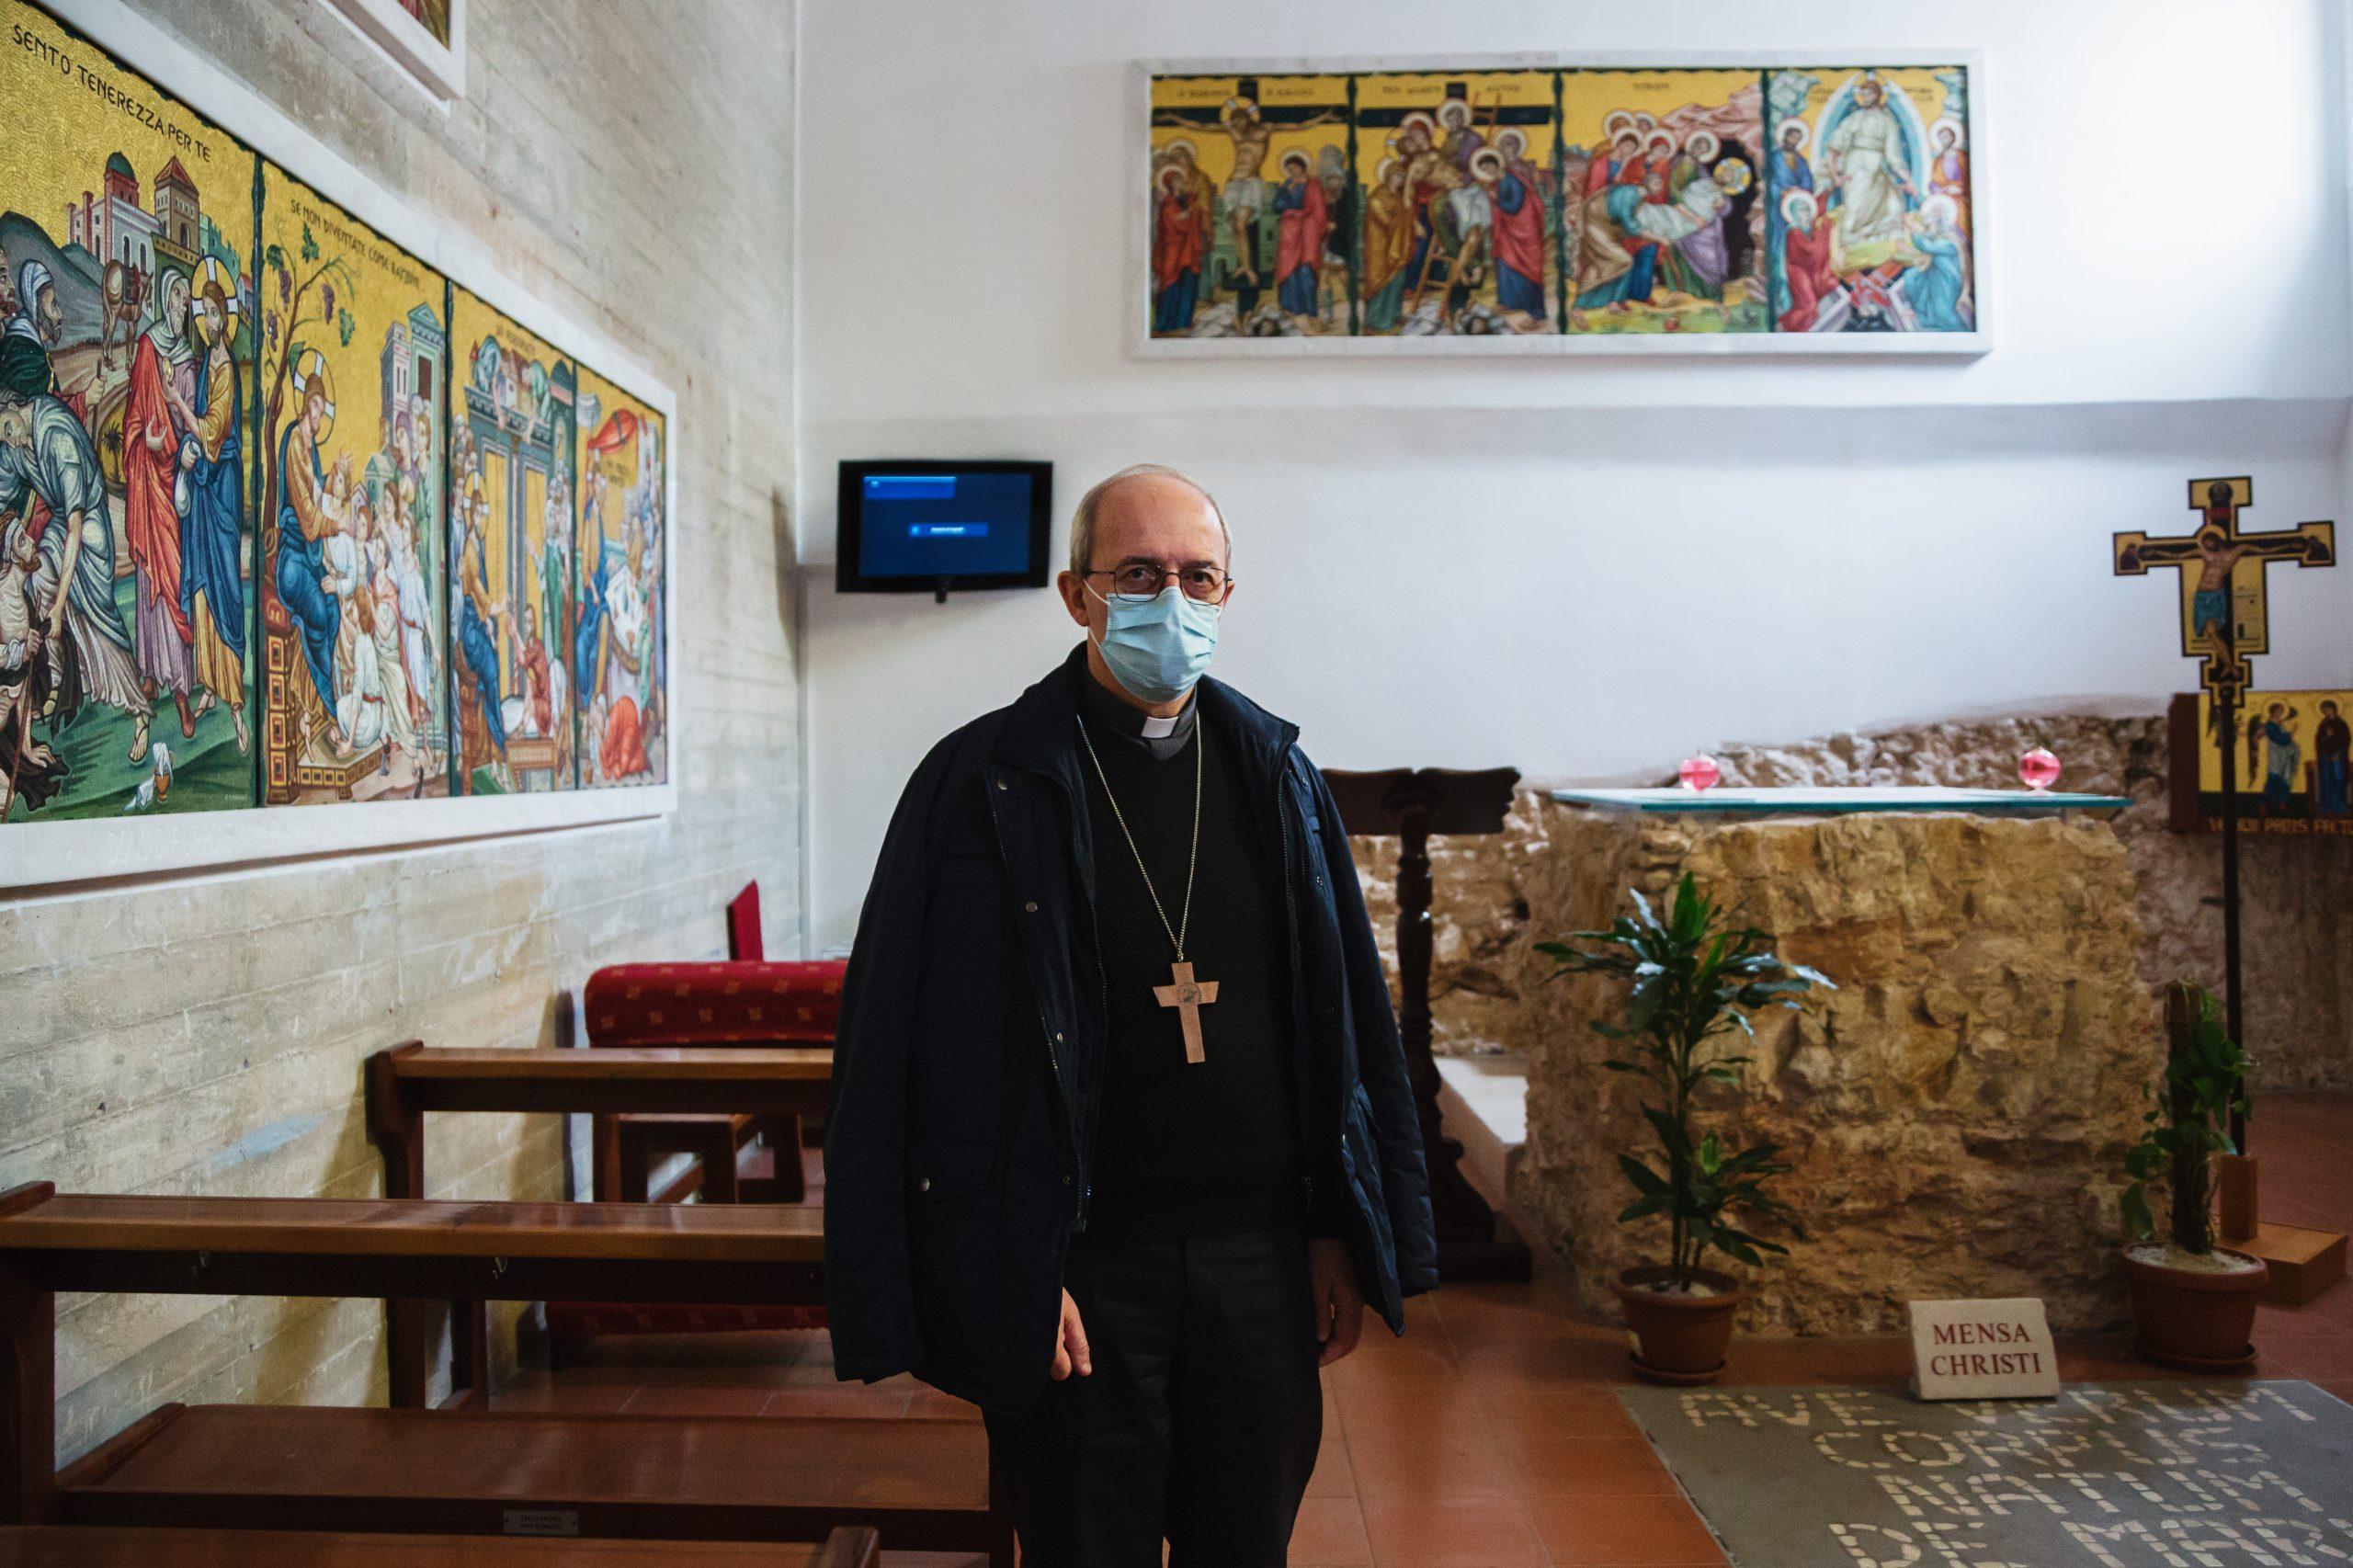 Manfredonia, Parrocchia Sacra Famiglia -L'Arcivescovo Franco Mosconenella cappella interna della parrocchia.